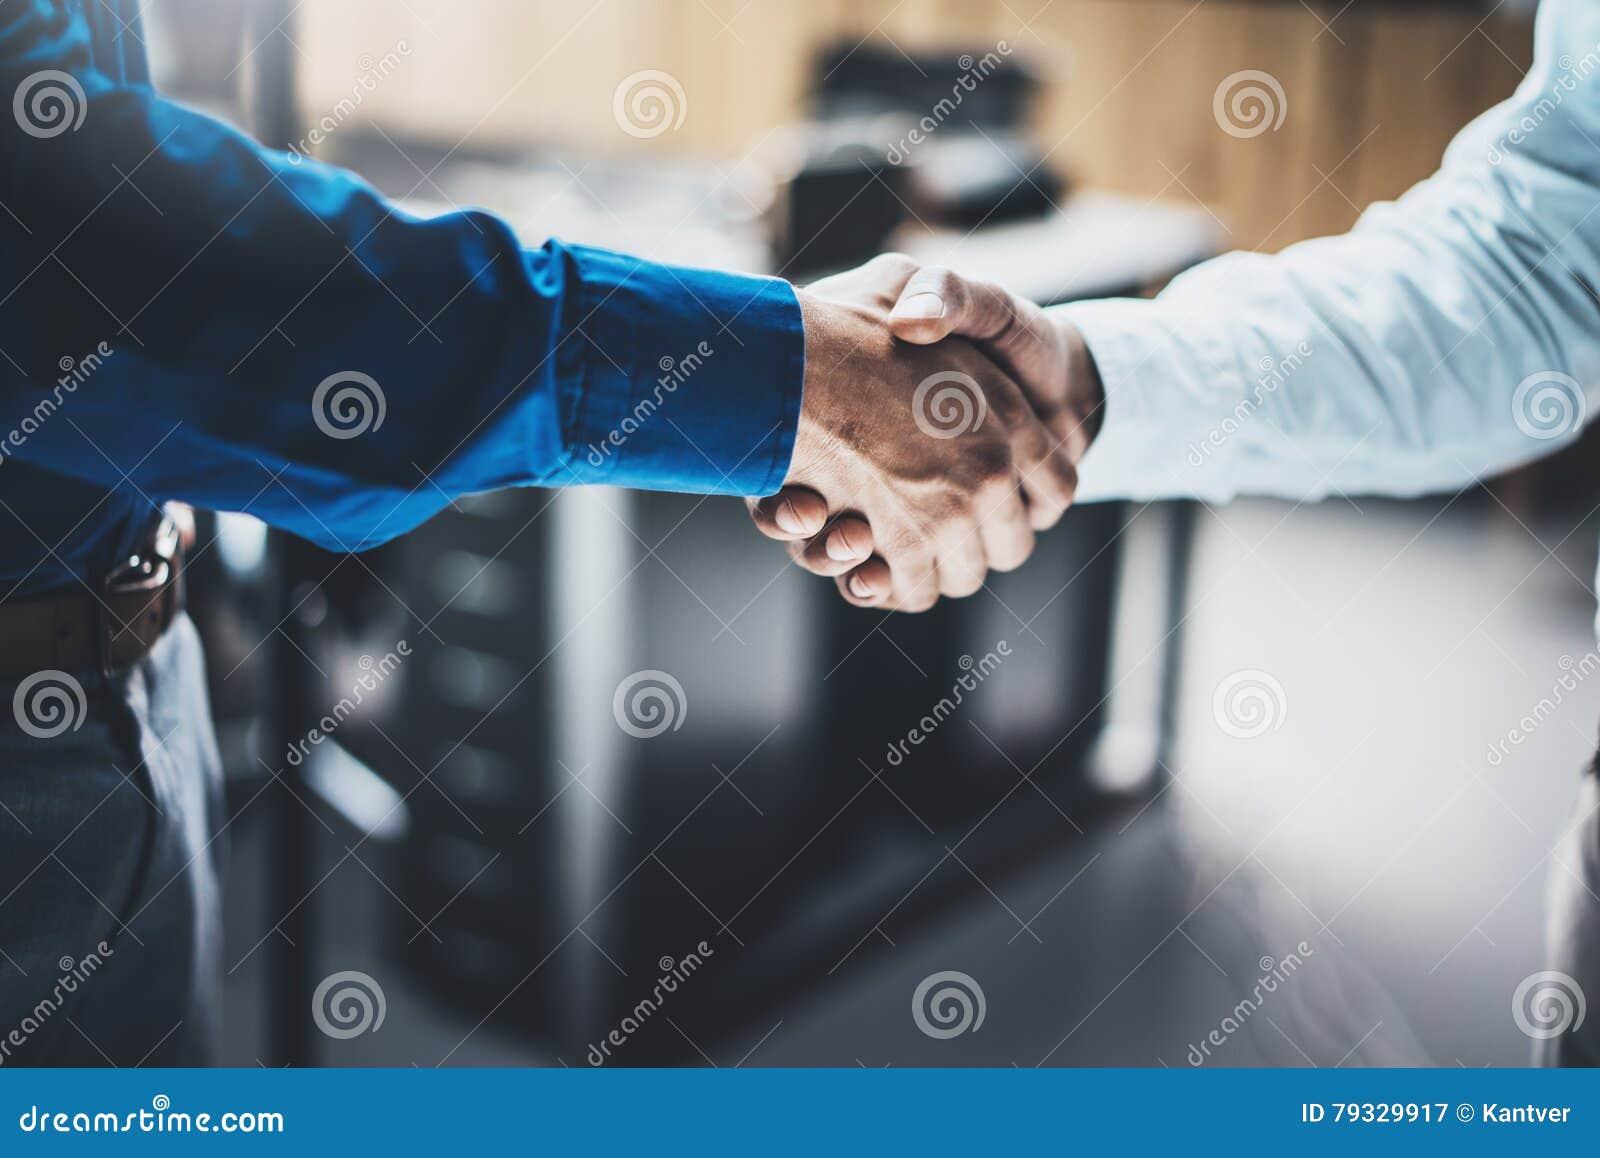 Biznesowy partnerstwo uścisku dłoni pojęcie Zbliżenie fotografia dwa businessmans handshaking proces Pomyślna transakcja po wielk